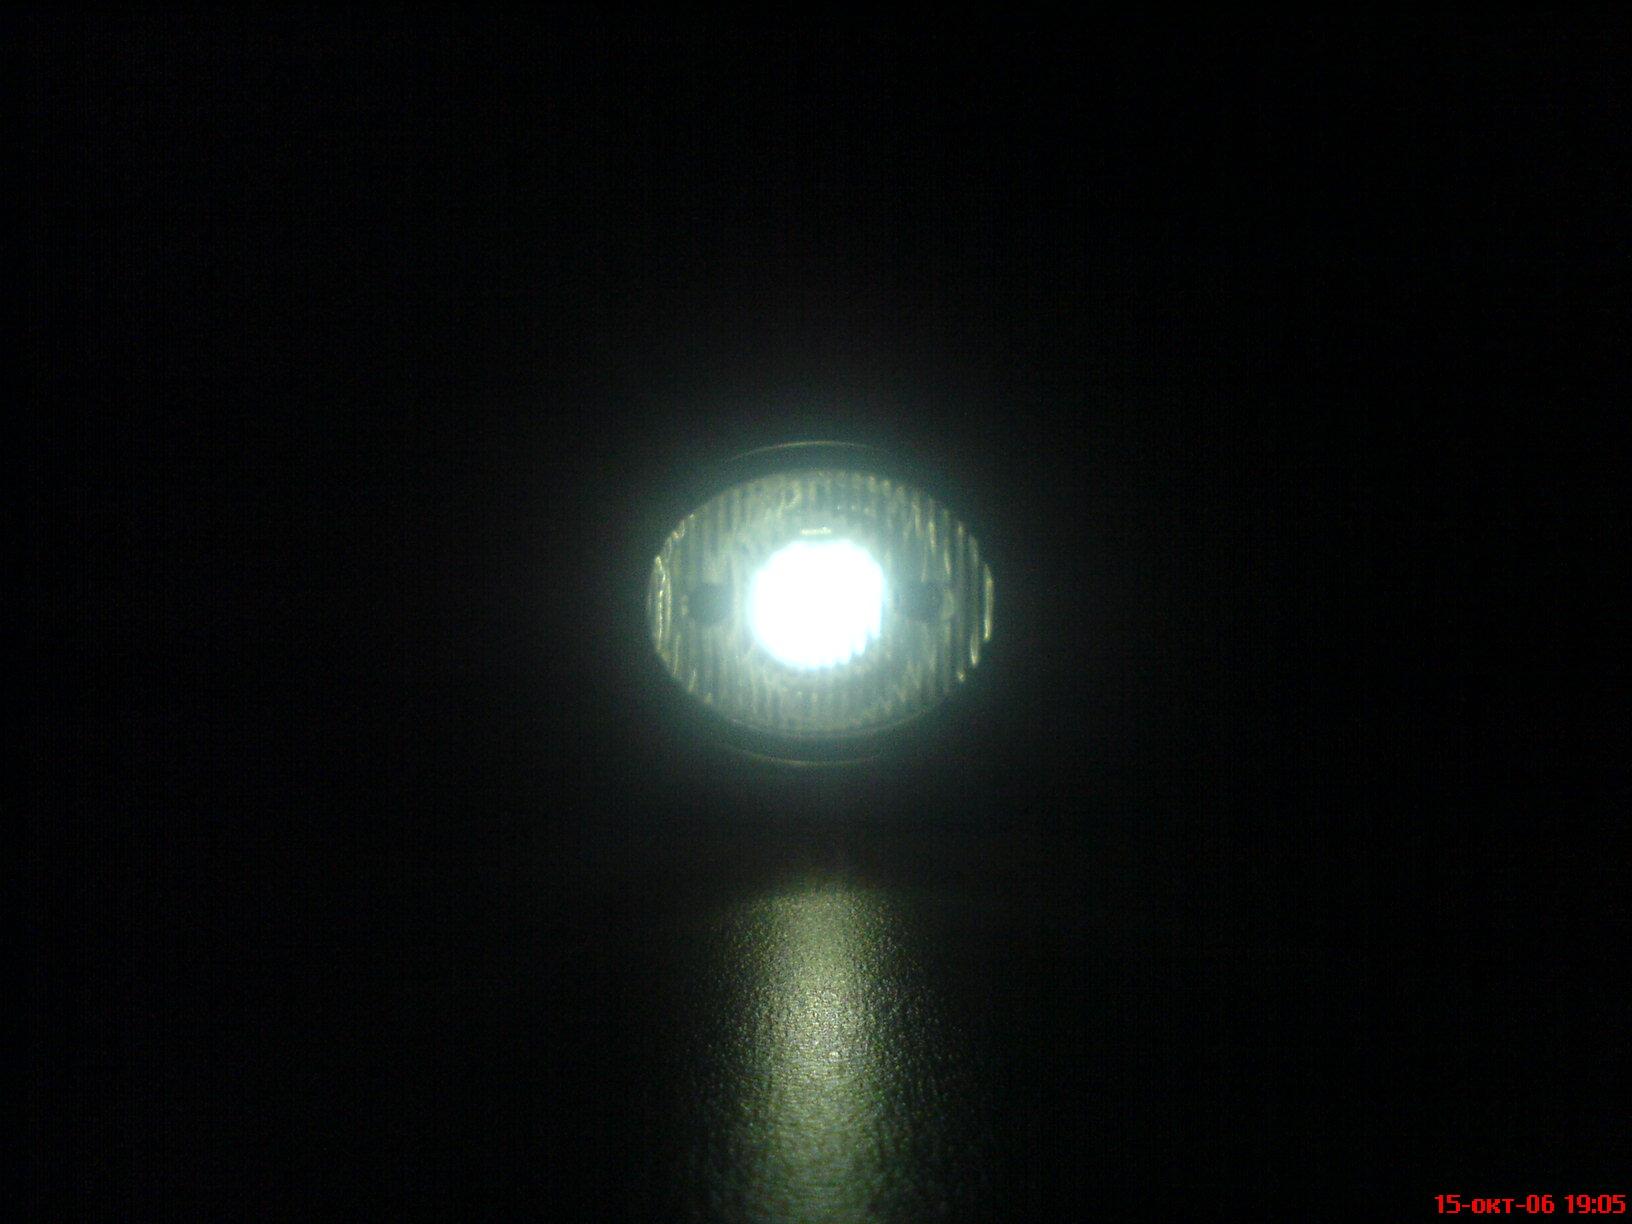 Нажмите на изображение для увеличения.  Название:с многократным затемнением.JPG Просмотров:191 Размер:220.0 Кб ID:8415